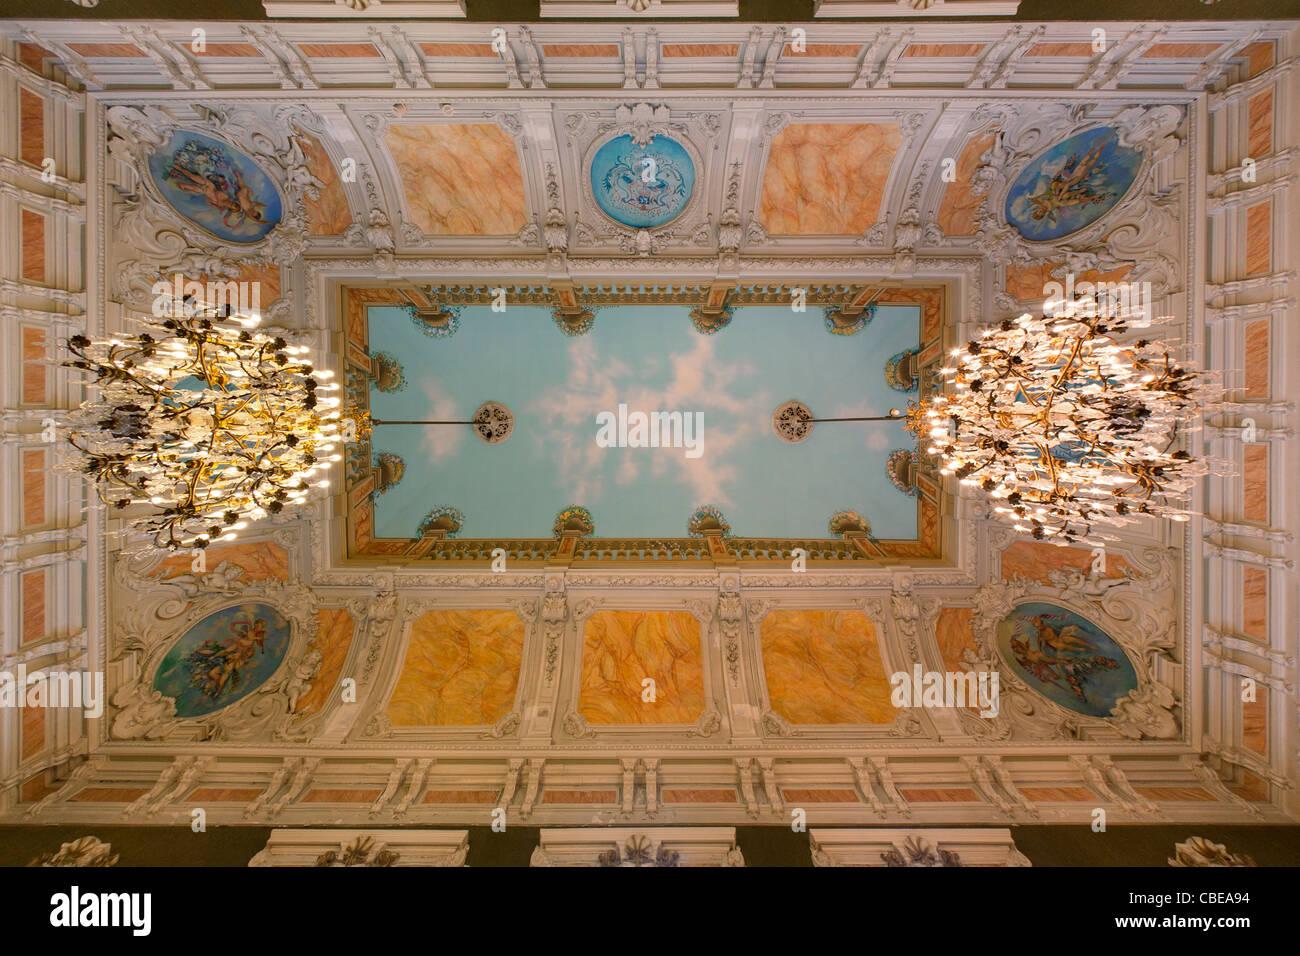 Trompe Loeil Architecture Photos Trompe Loeil Architecture Images